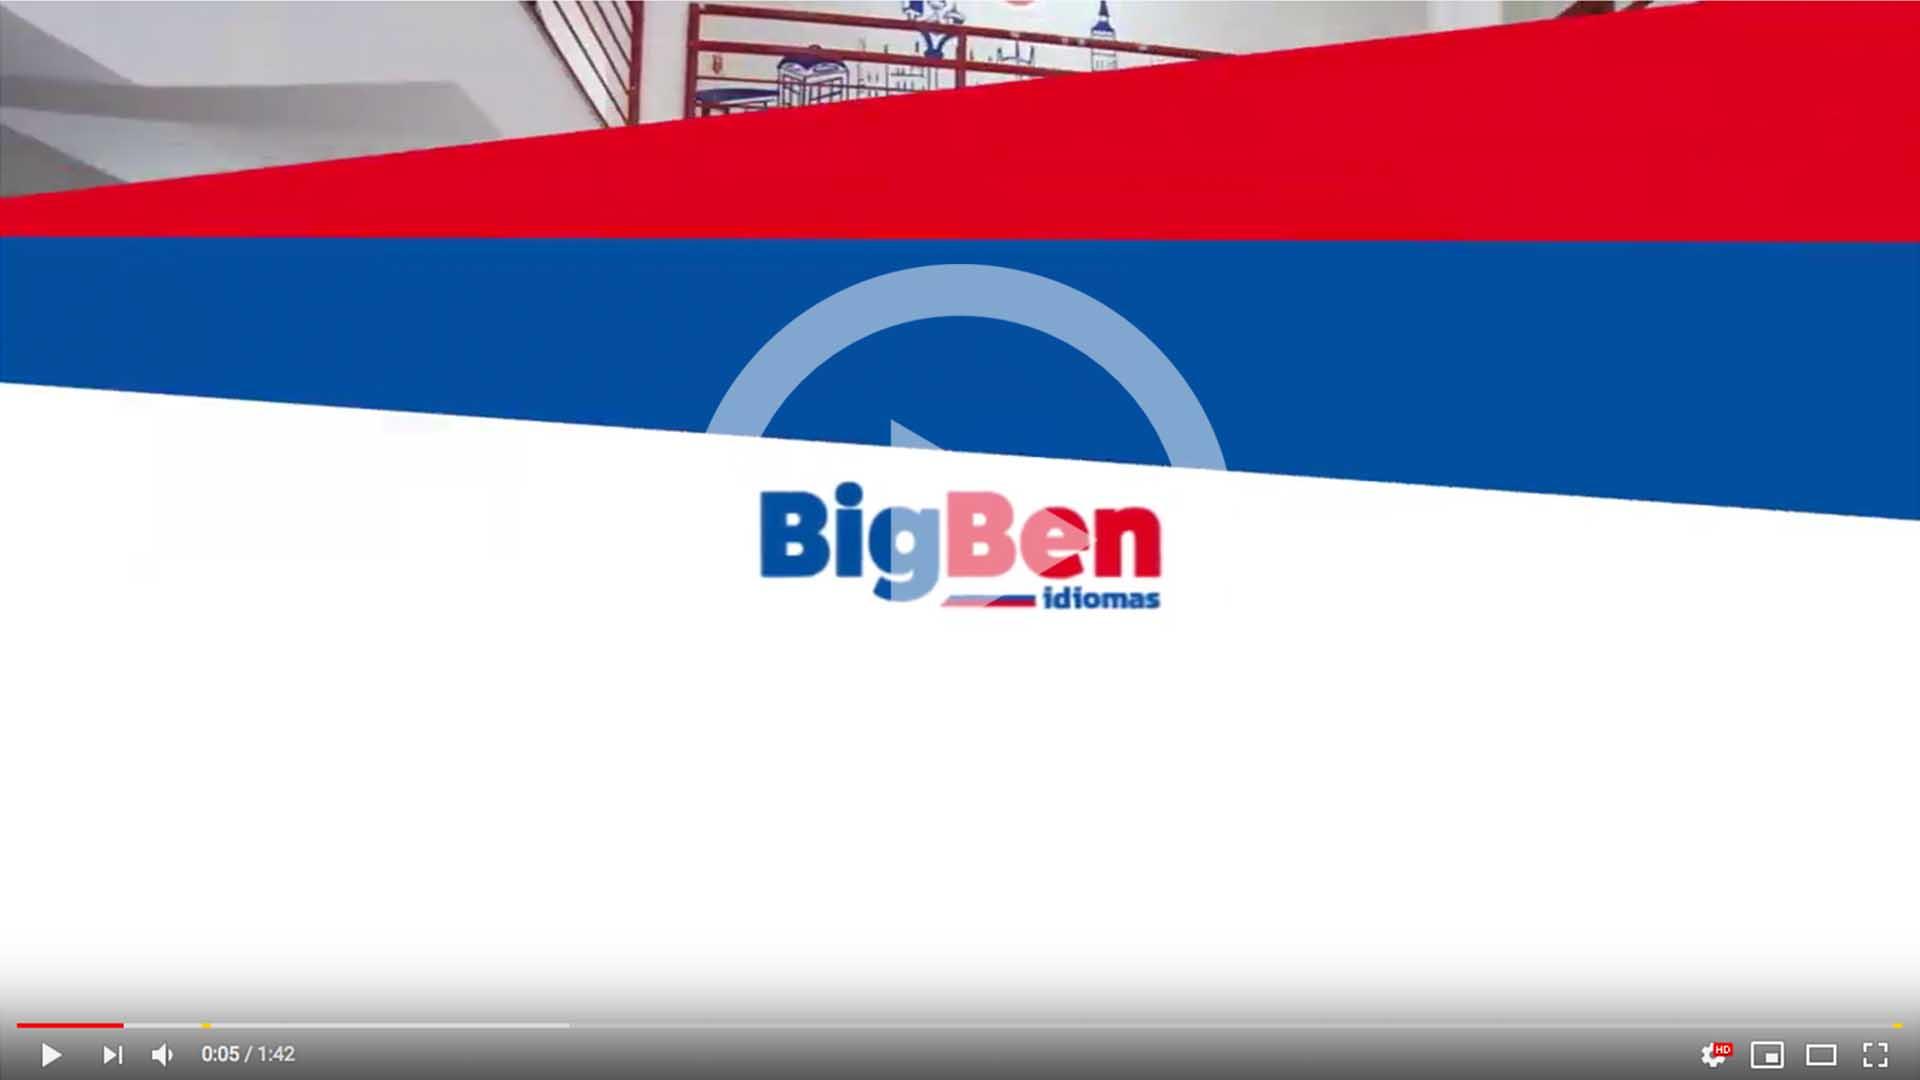 Escola Big Ben